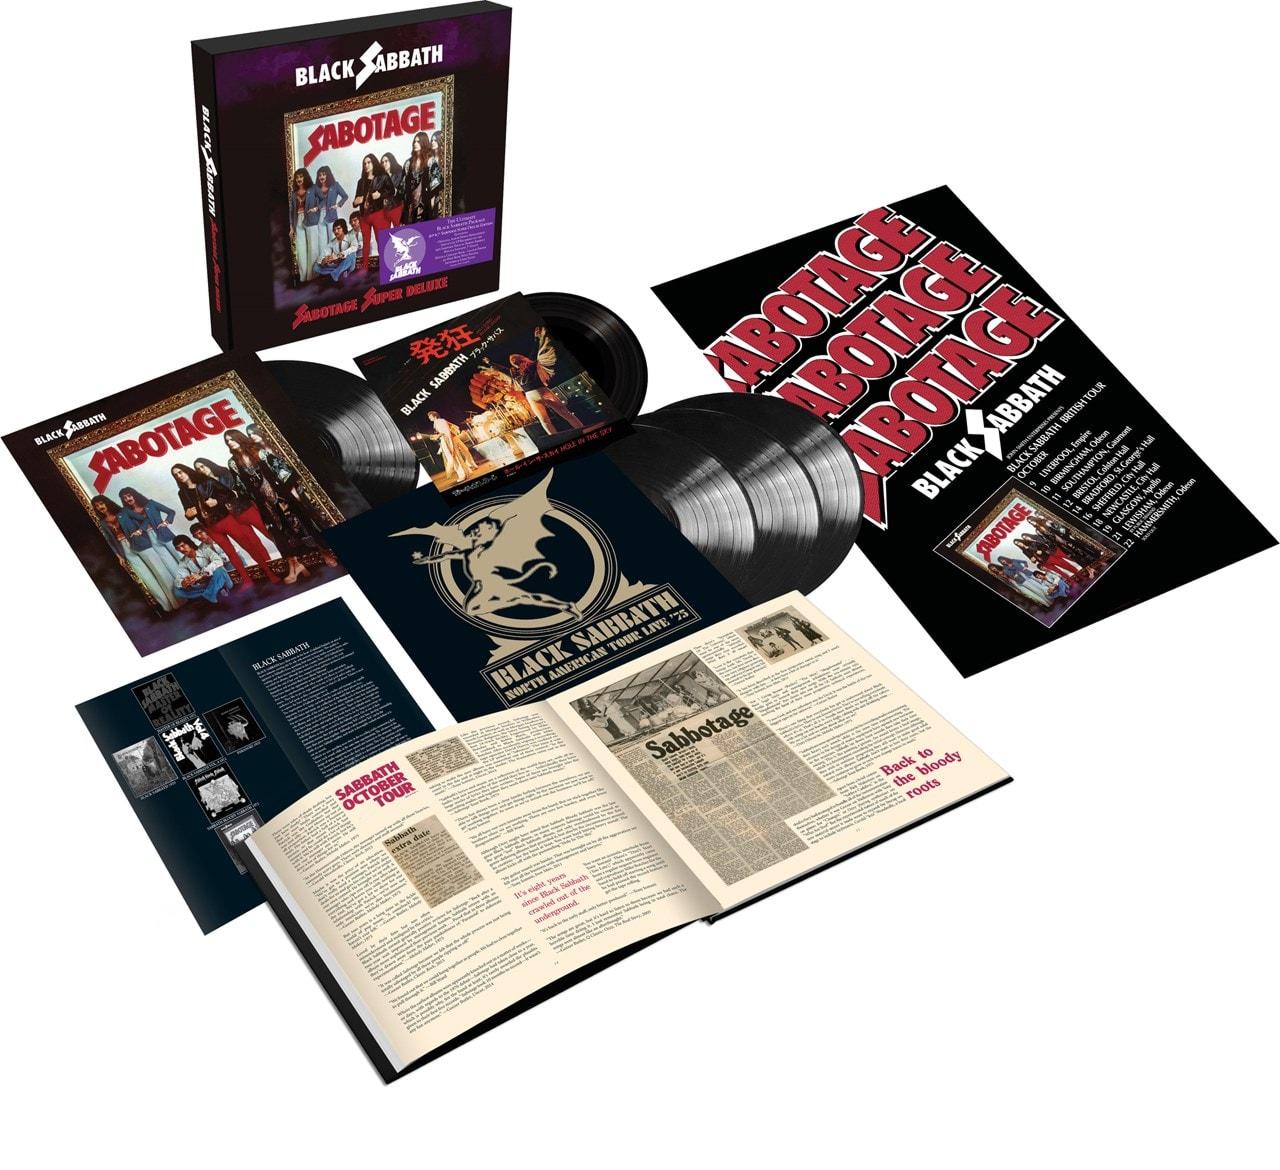 Sabotage - Black Sabbath - Musik - BMG Rights Management LLC - 4050538659788 - June 11, 2021